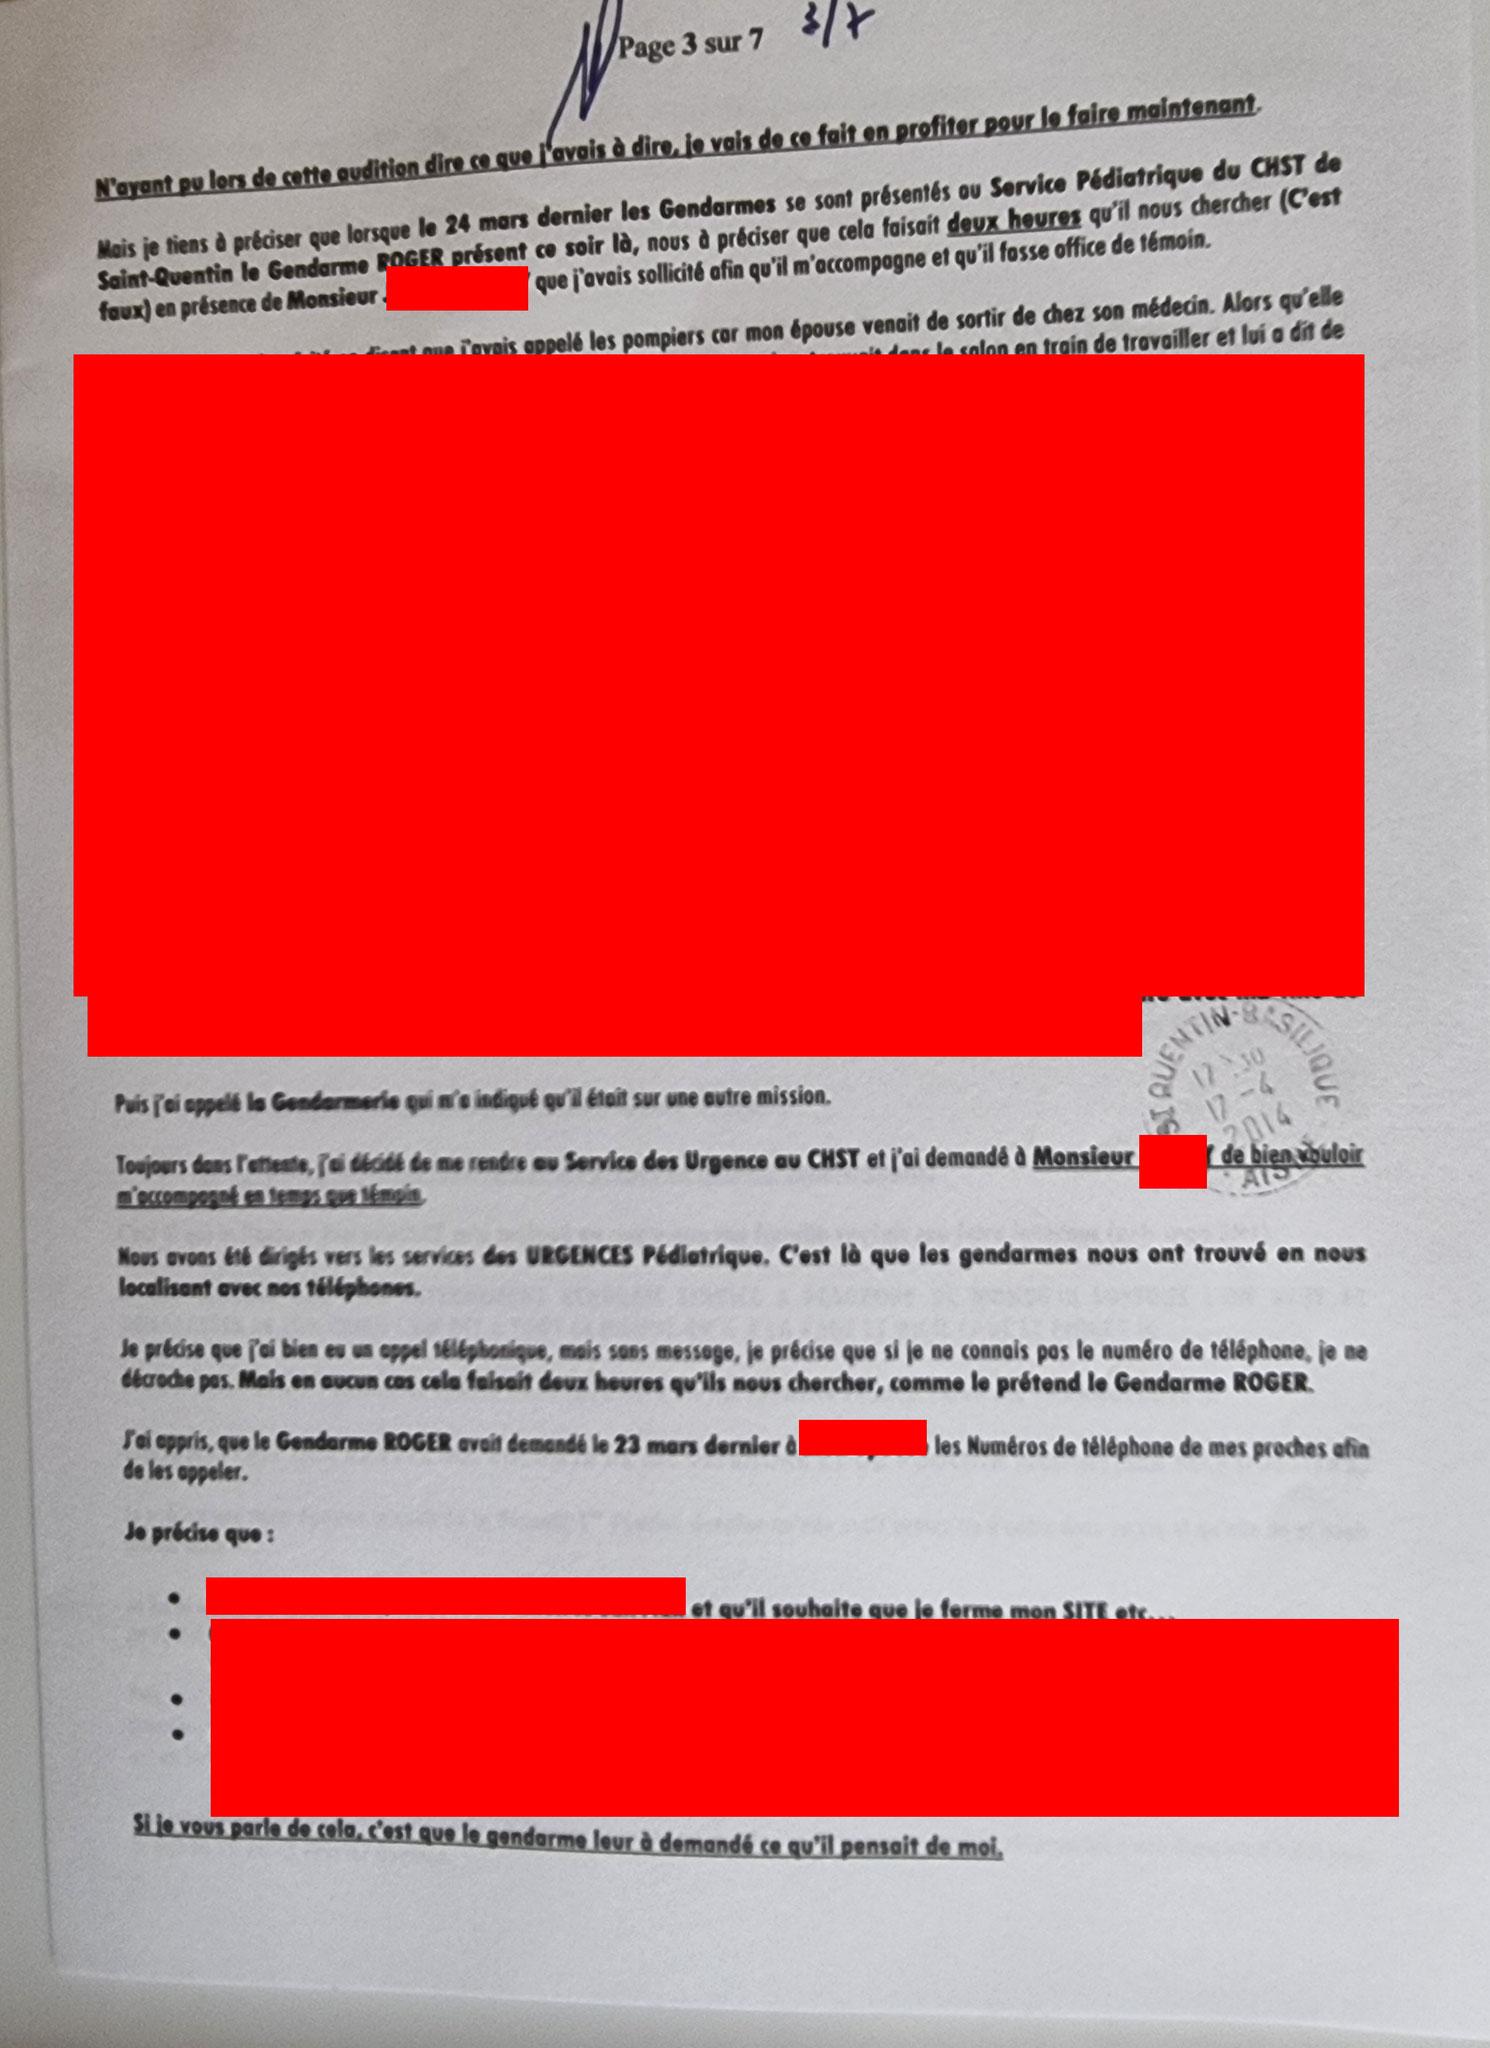 Y A T'IL UN  PROCUREUR  DE LA  REPUBLIQUE  à SAINT-QUENTIN (02) JE SUIS PATRICK  VICTIME DE VIOLENCES  PAR LES MAFIAS  EN BANDES ORGANISEES  AU COEUR MÊME  DE LA JUSTICE DE LA REPUBLIQUE www.jenesuispasunchien.fr www.jesuisvictime.fr www.jesuispatrick.fr